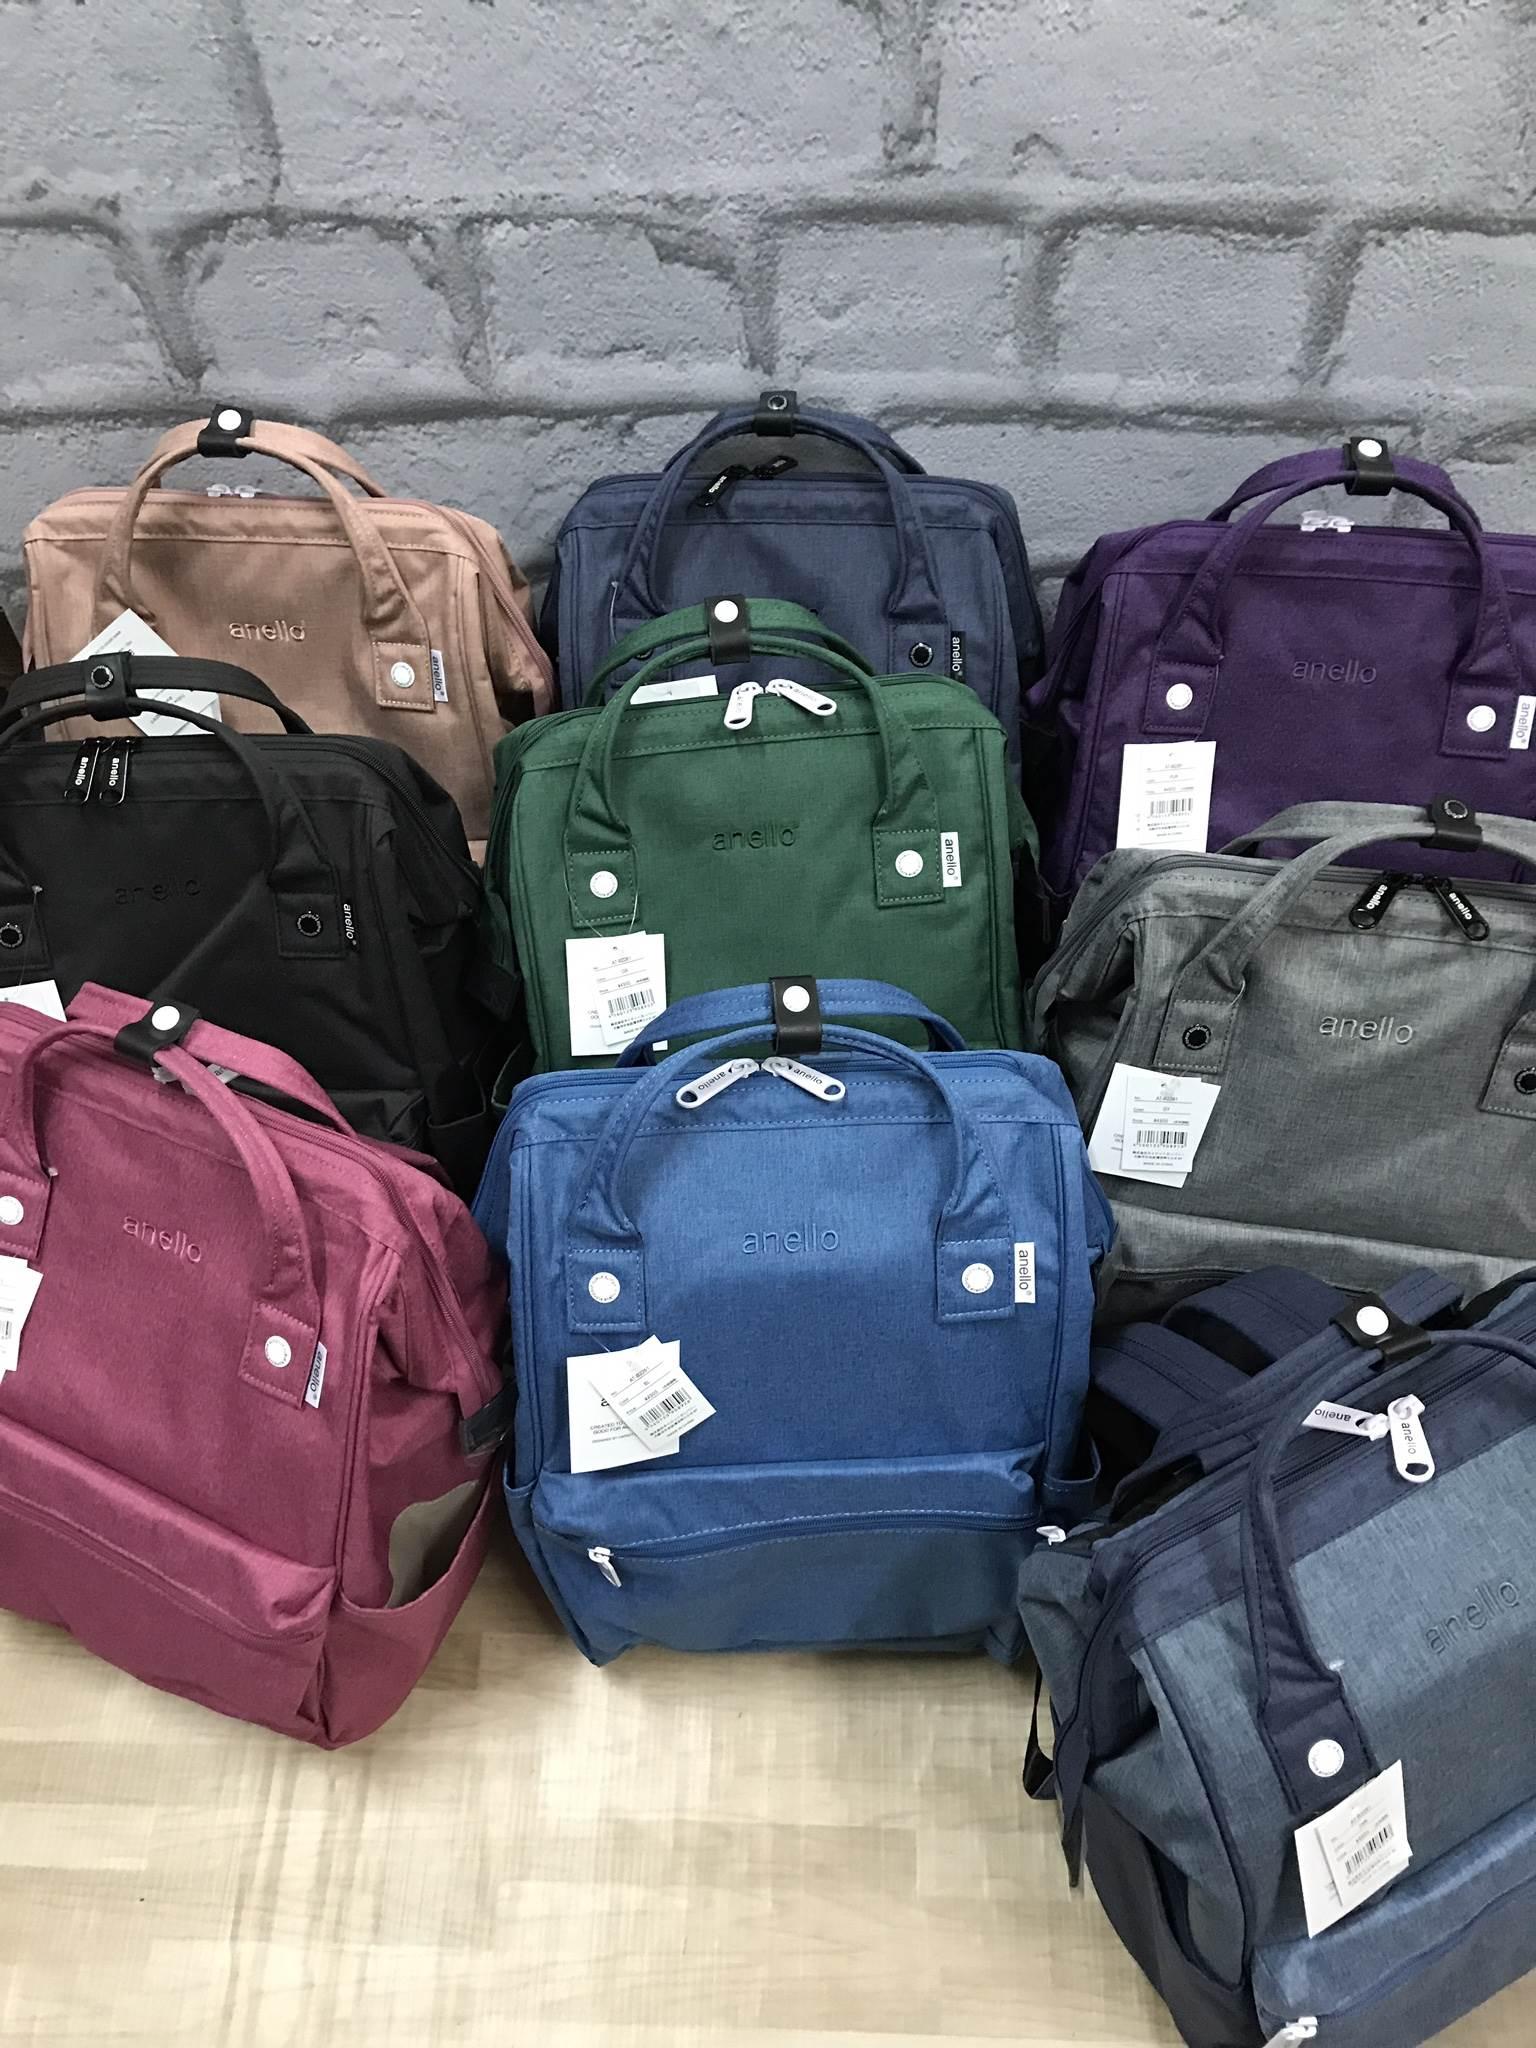 Anello Mottled Polyester Backpack ขนาดปกติ (Regular) 2017